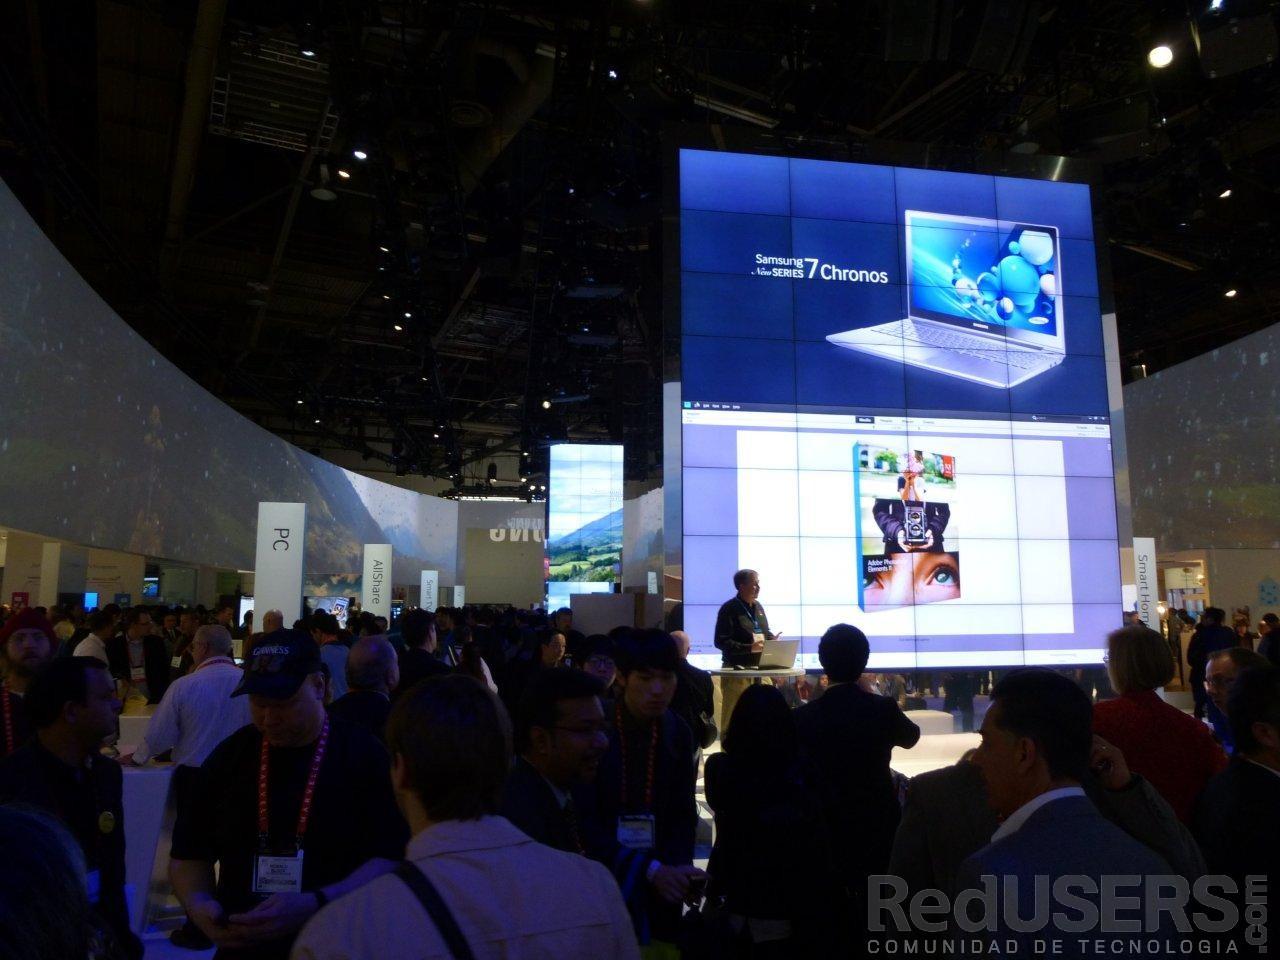 Una vista del imponente espacio de Samsung en la CES 2013